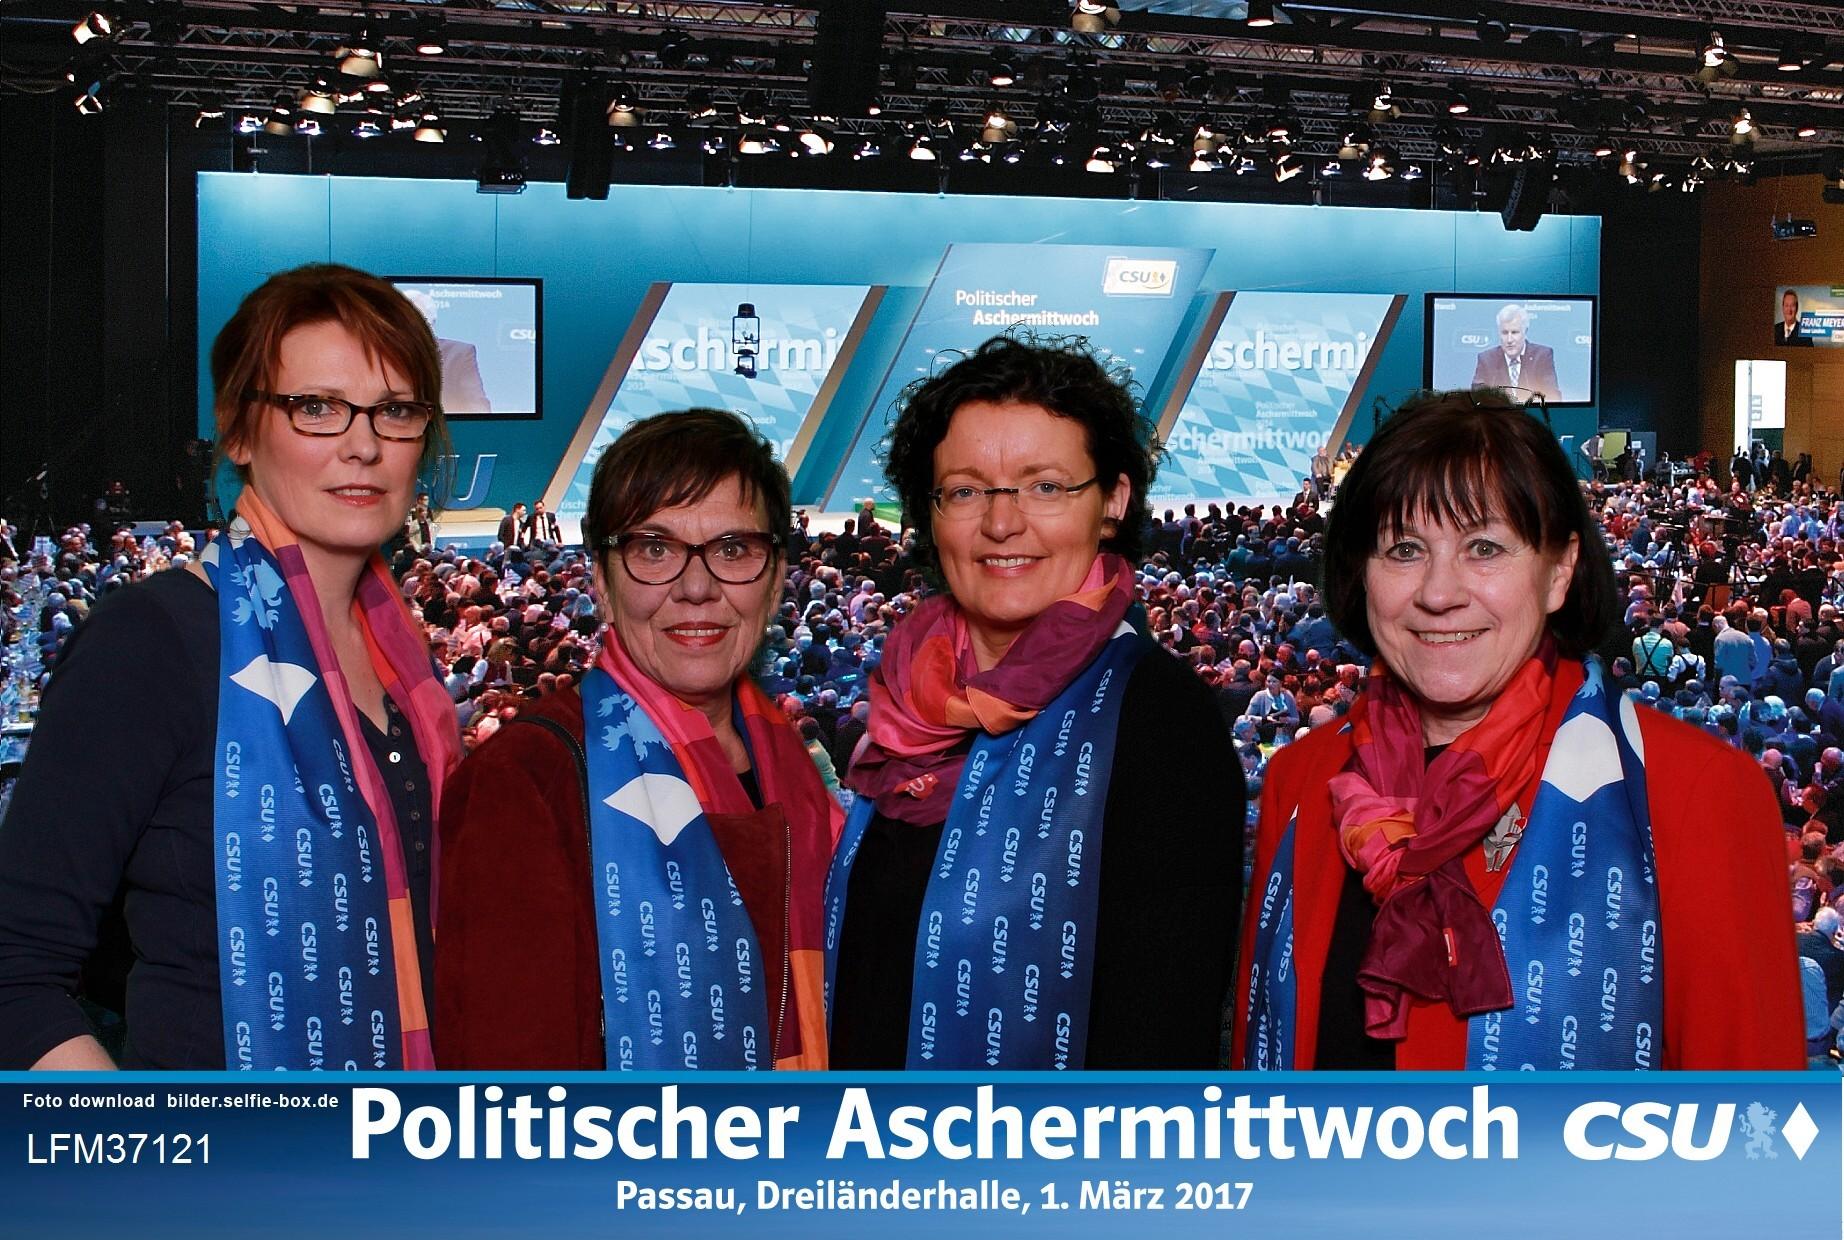 2 Hohenhamelnerinnen der CDU Frauen Union